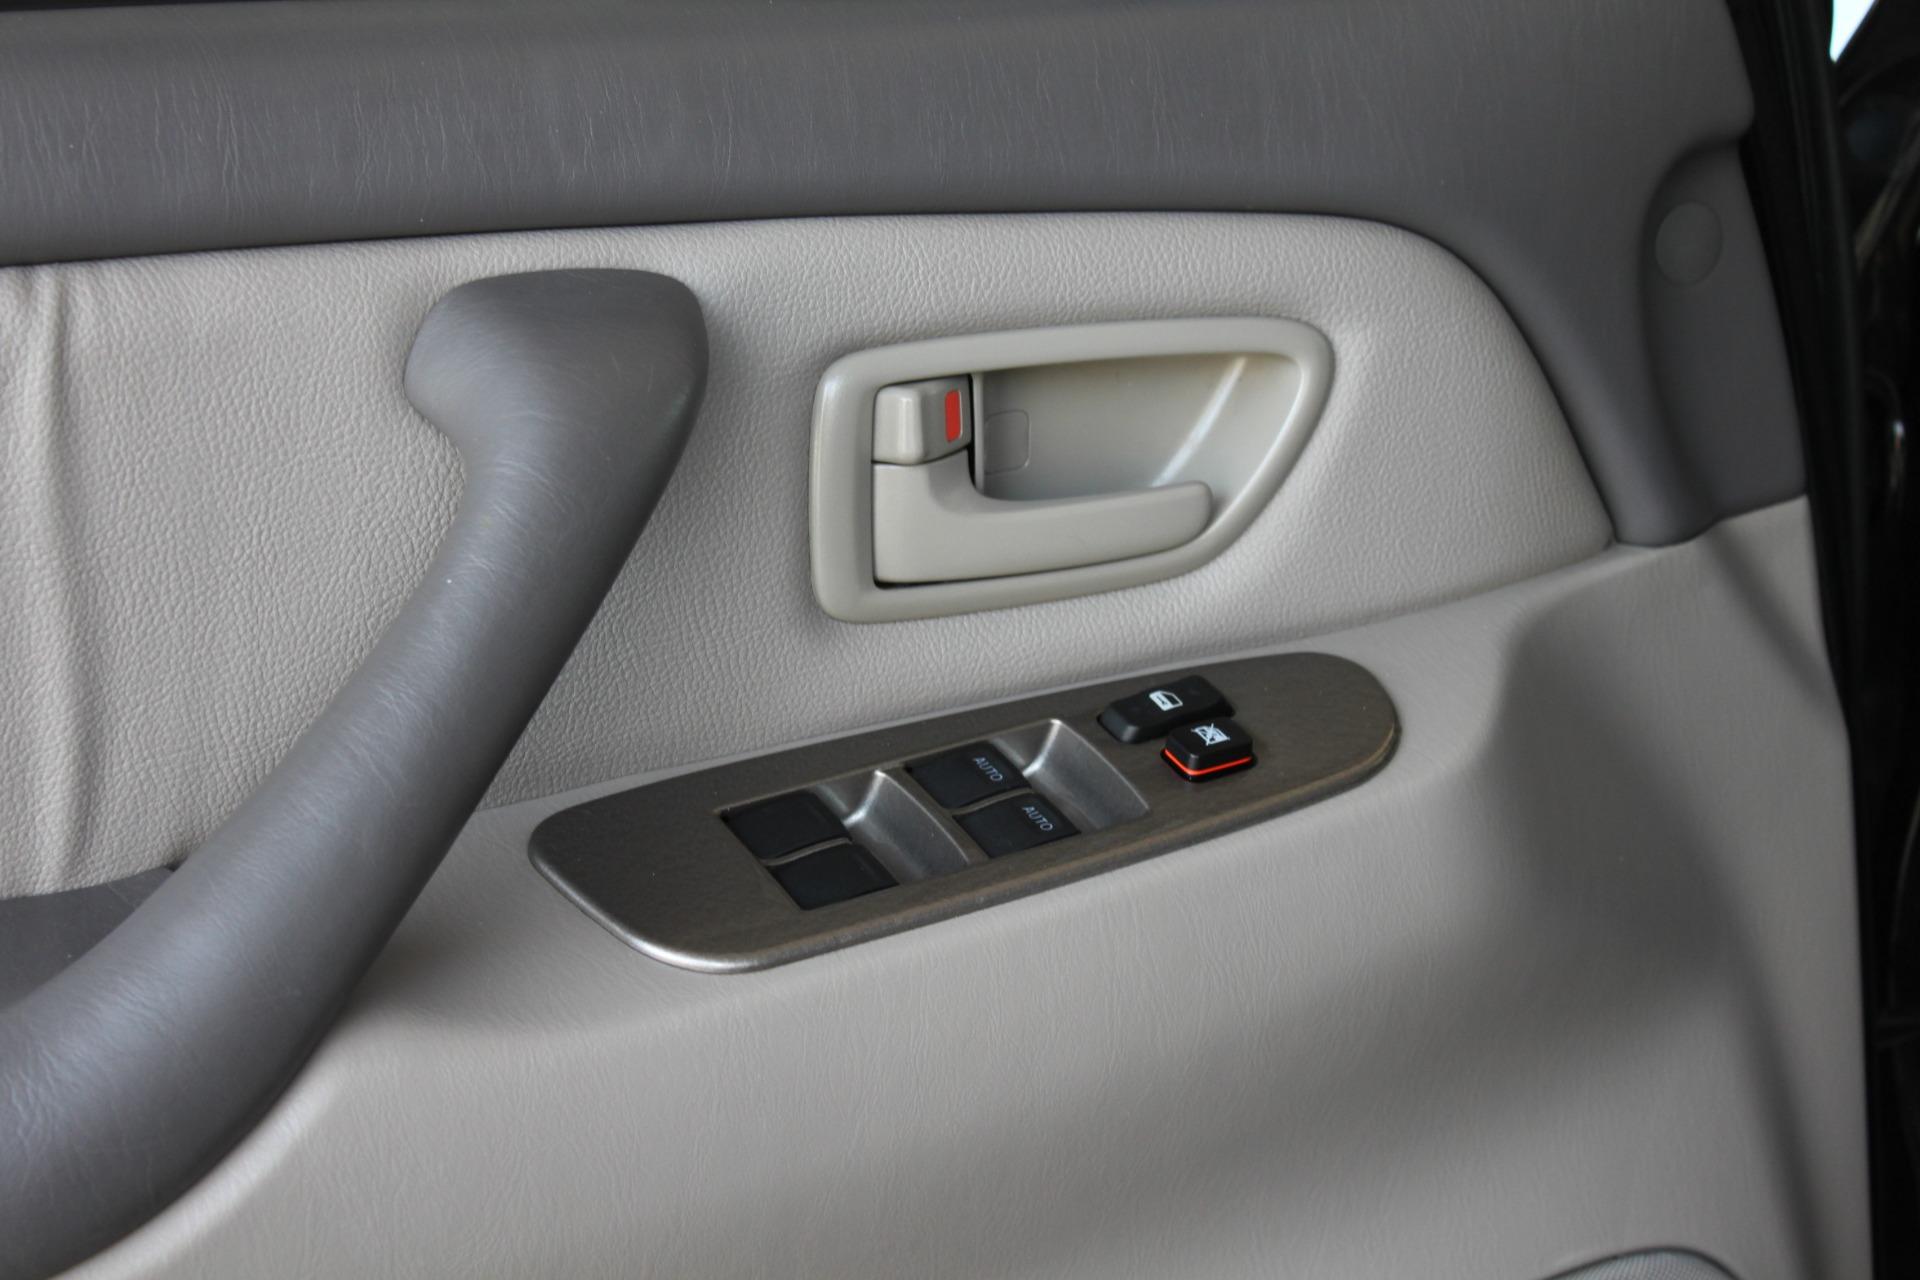 Used-2005-Toyota-Sequoia-Limited-Lamborghini